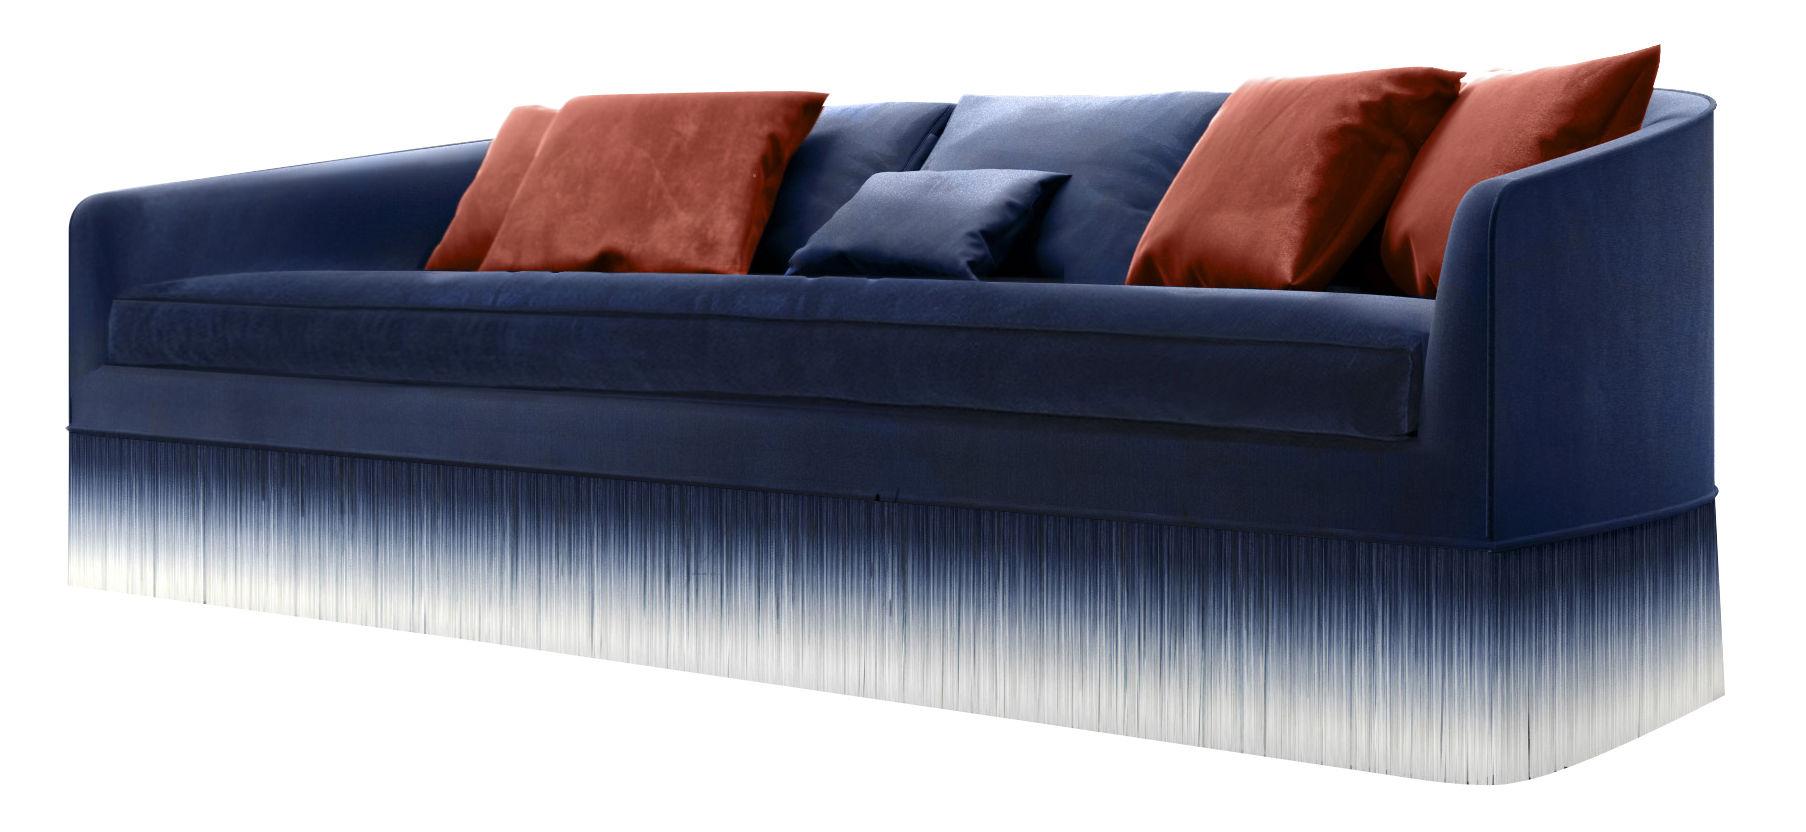 sofa 250cm diwan in usa canapé droit amami 3 places l 250 cm velours